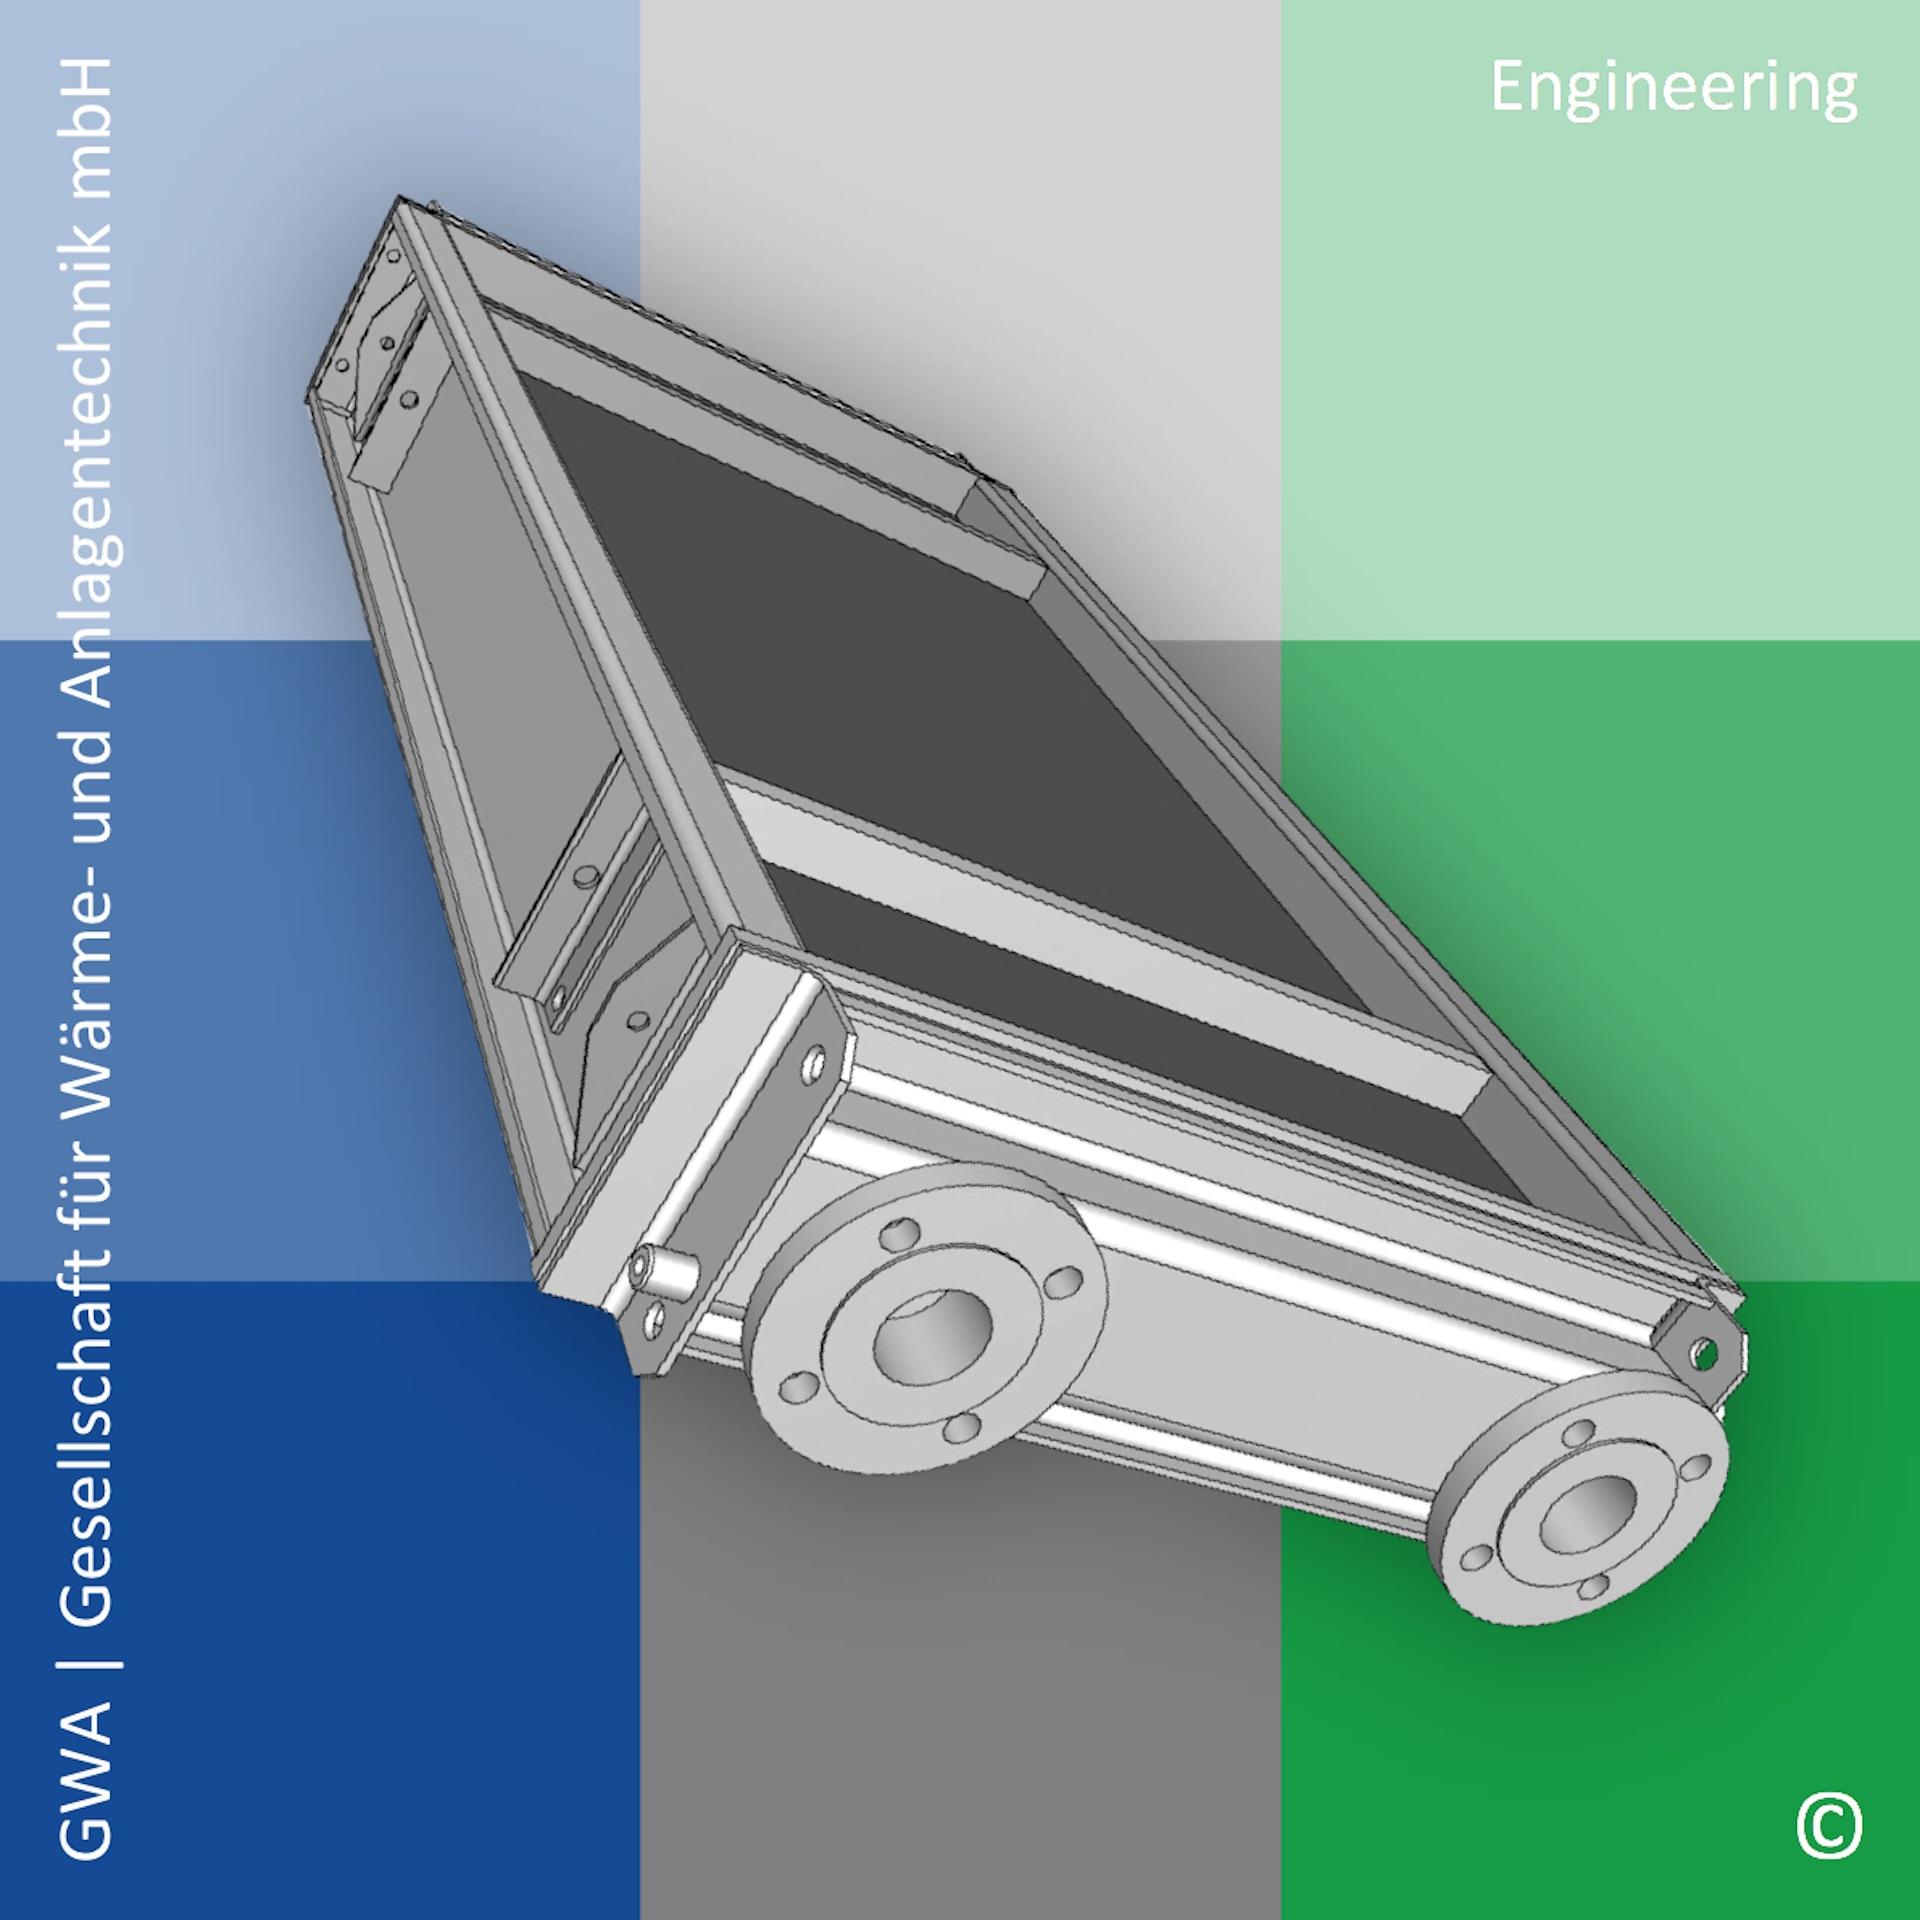 GWA_Engineering_Waermeaustauscher_Kuehler_fuer_elektrische_Maschinen_Kreislaufkuehler_Gesellschaft_fuer_Waerme_und_Anlagentechnik